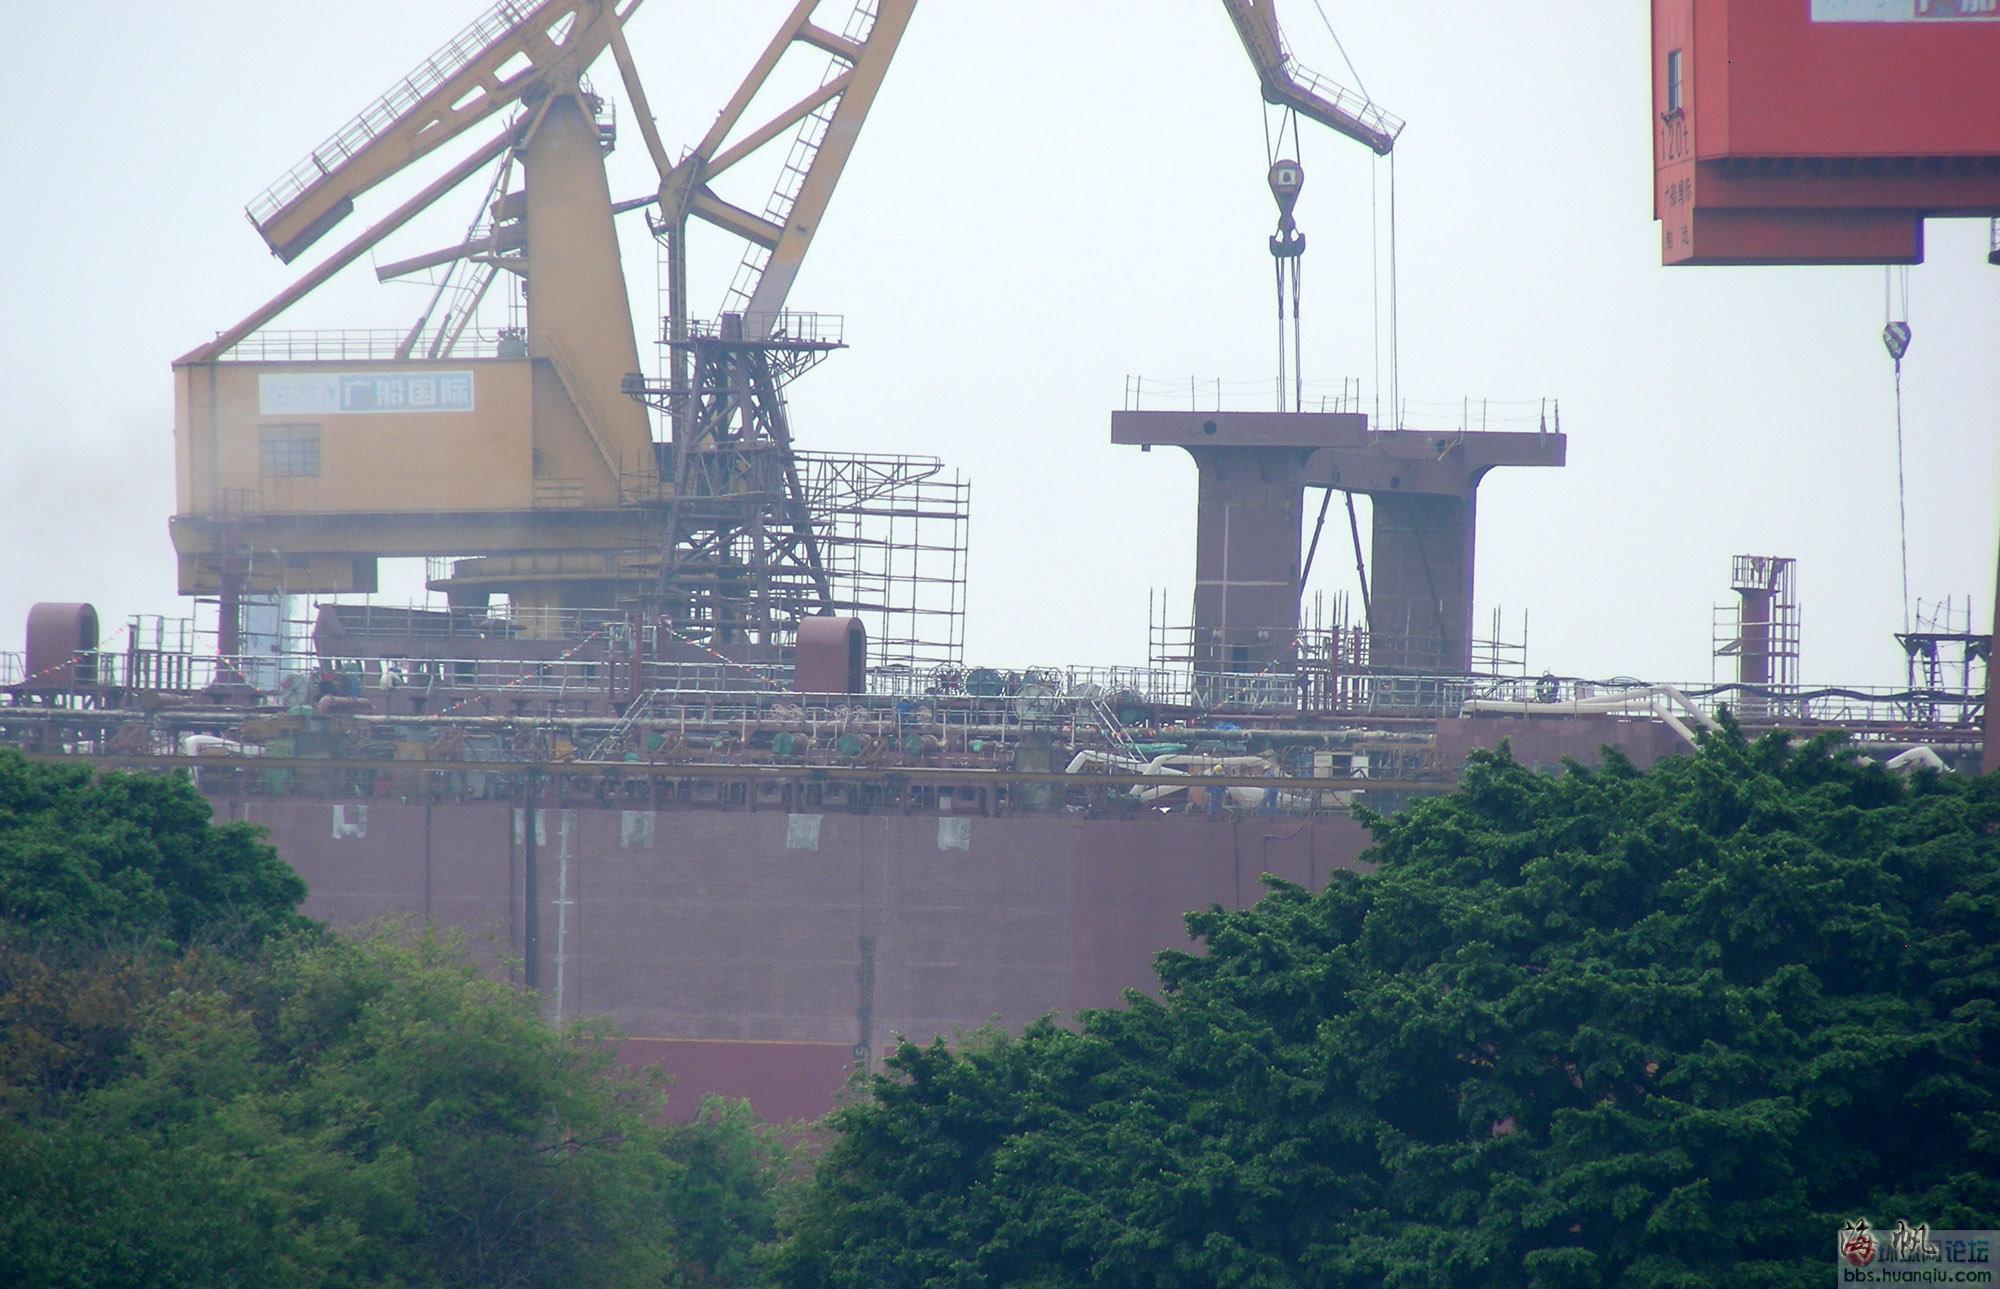 补给货架高大威猛:中国海军在建的新大大补又新变化了